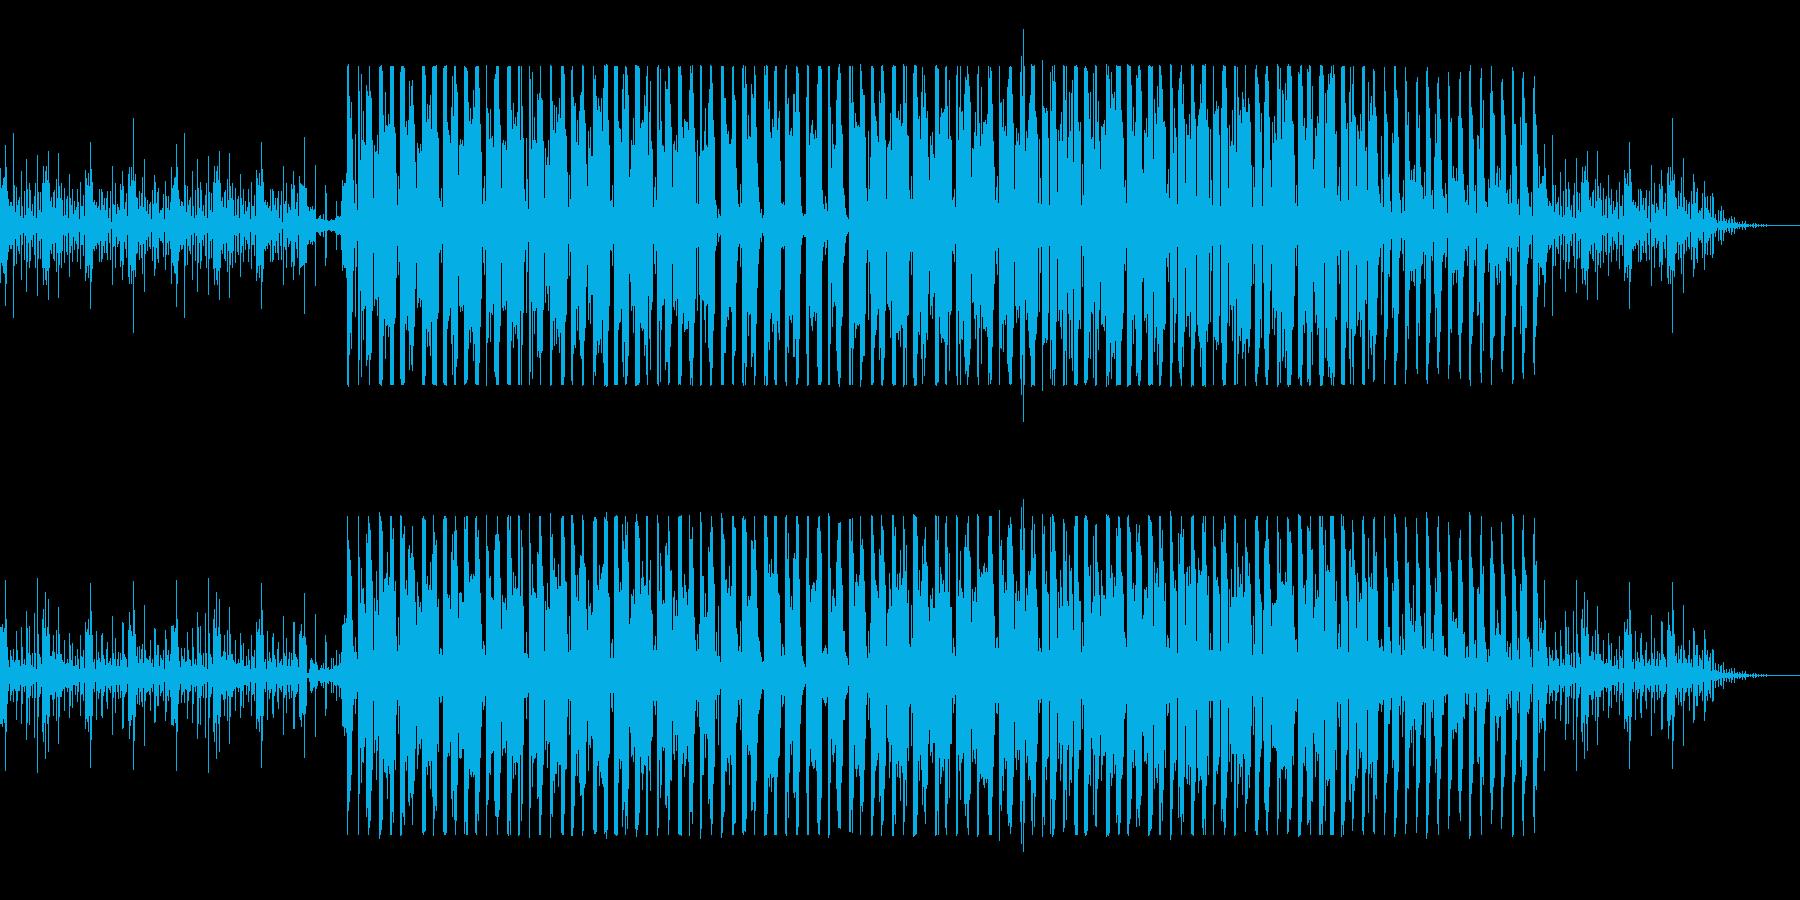 クールなエレクトロニカの再生済みの波形